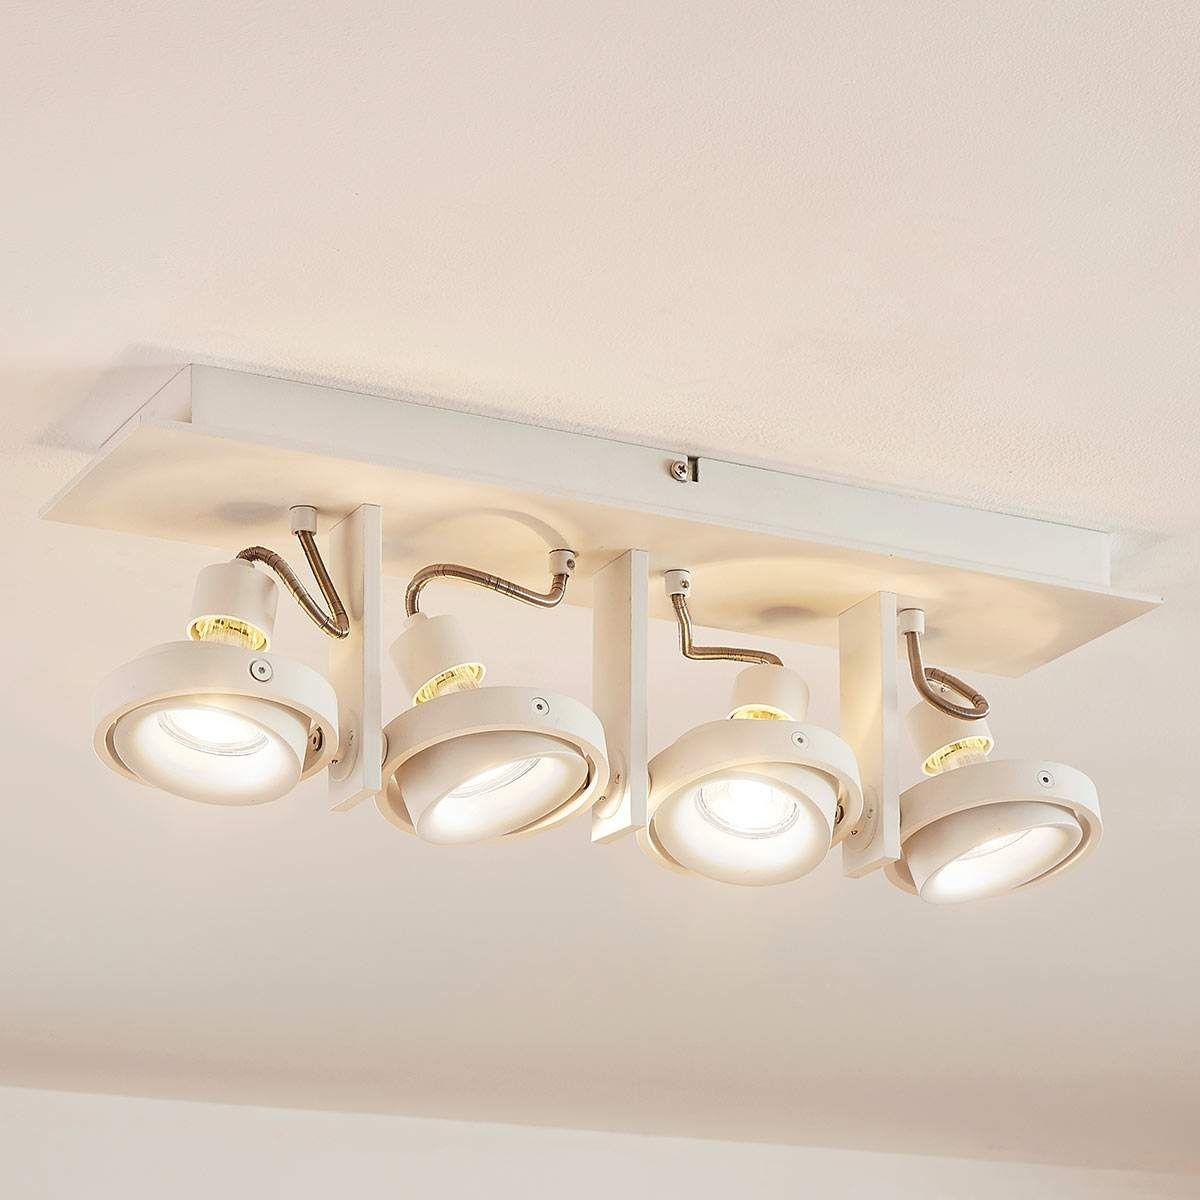 Weisse Vierflammige Led Deckenleuchte Teska Led Deckenleuchte Led Deckenlampen Deckenlampe